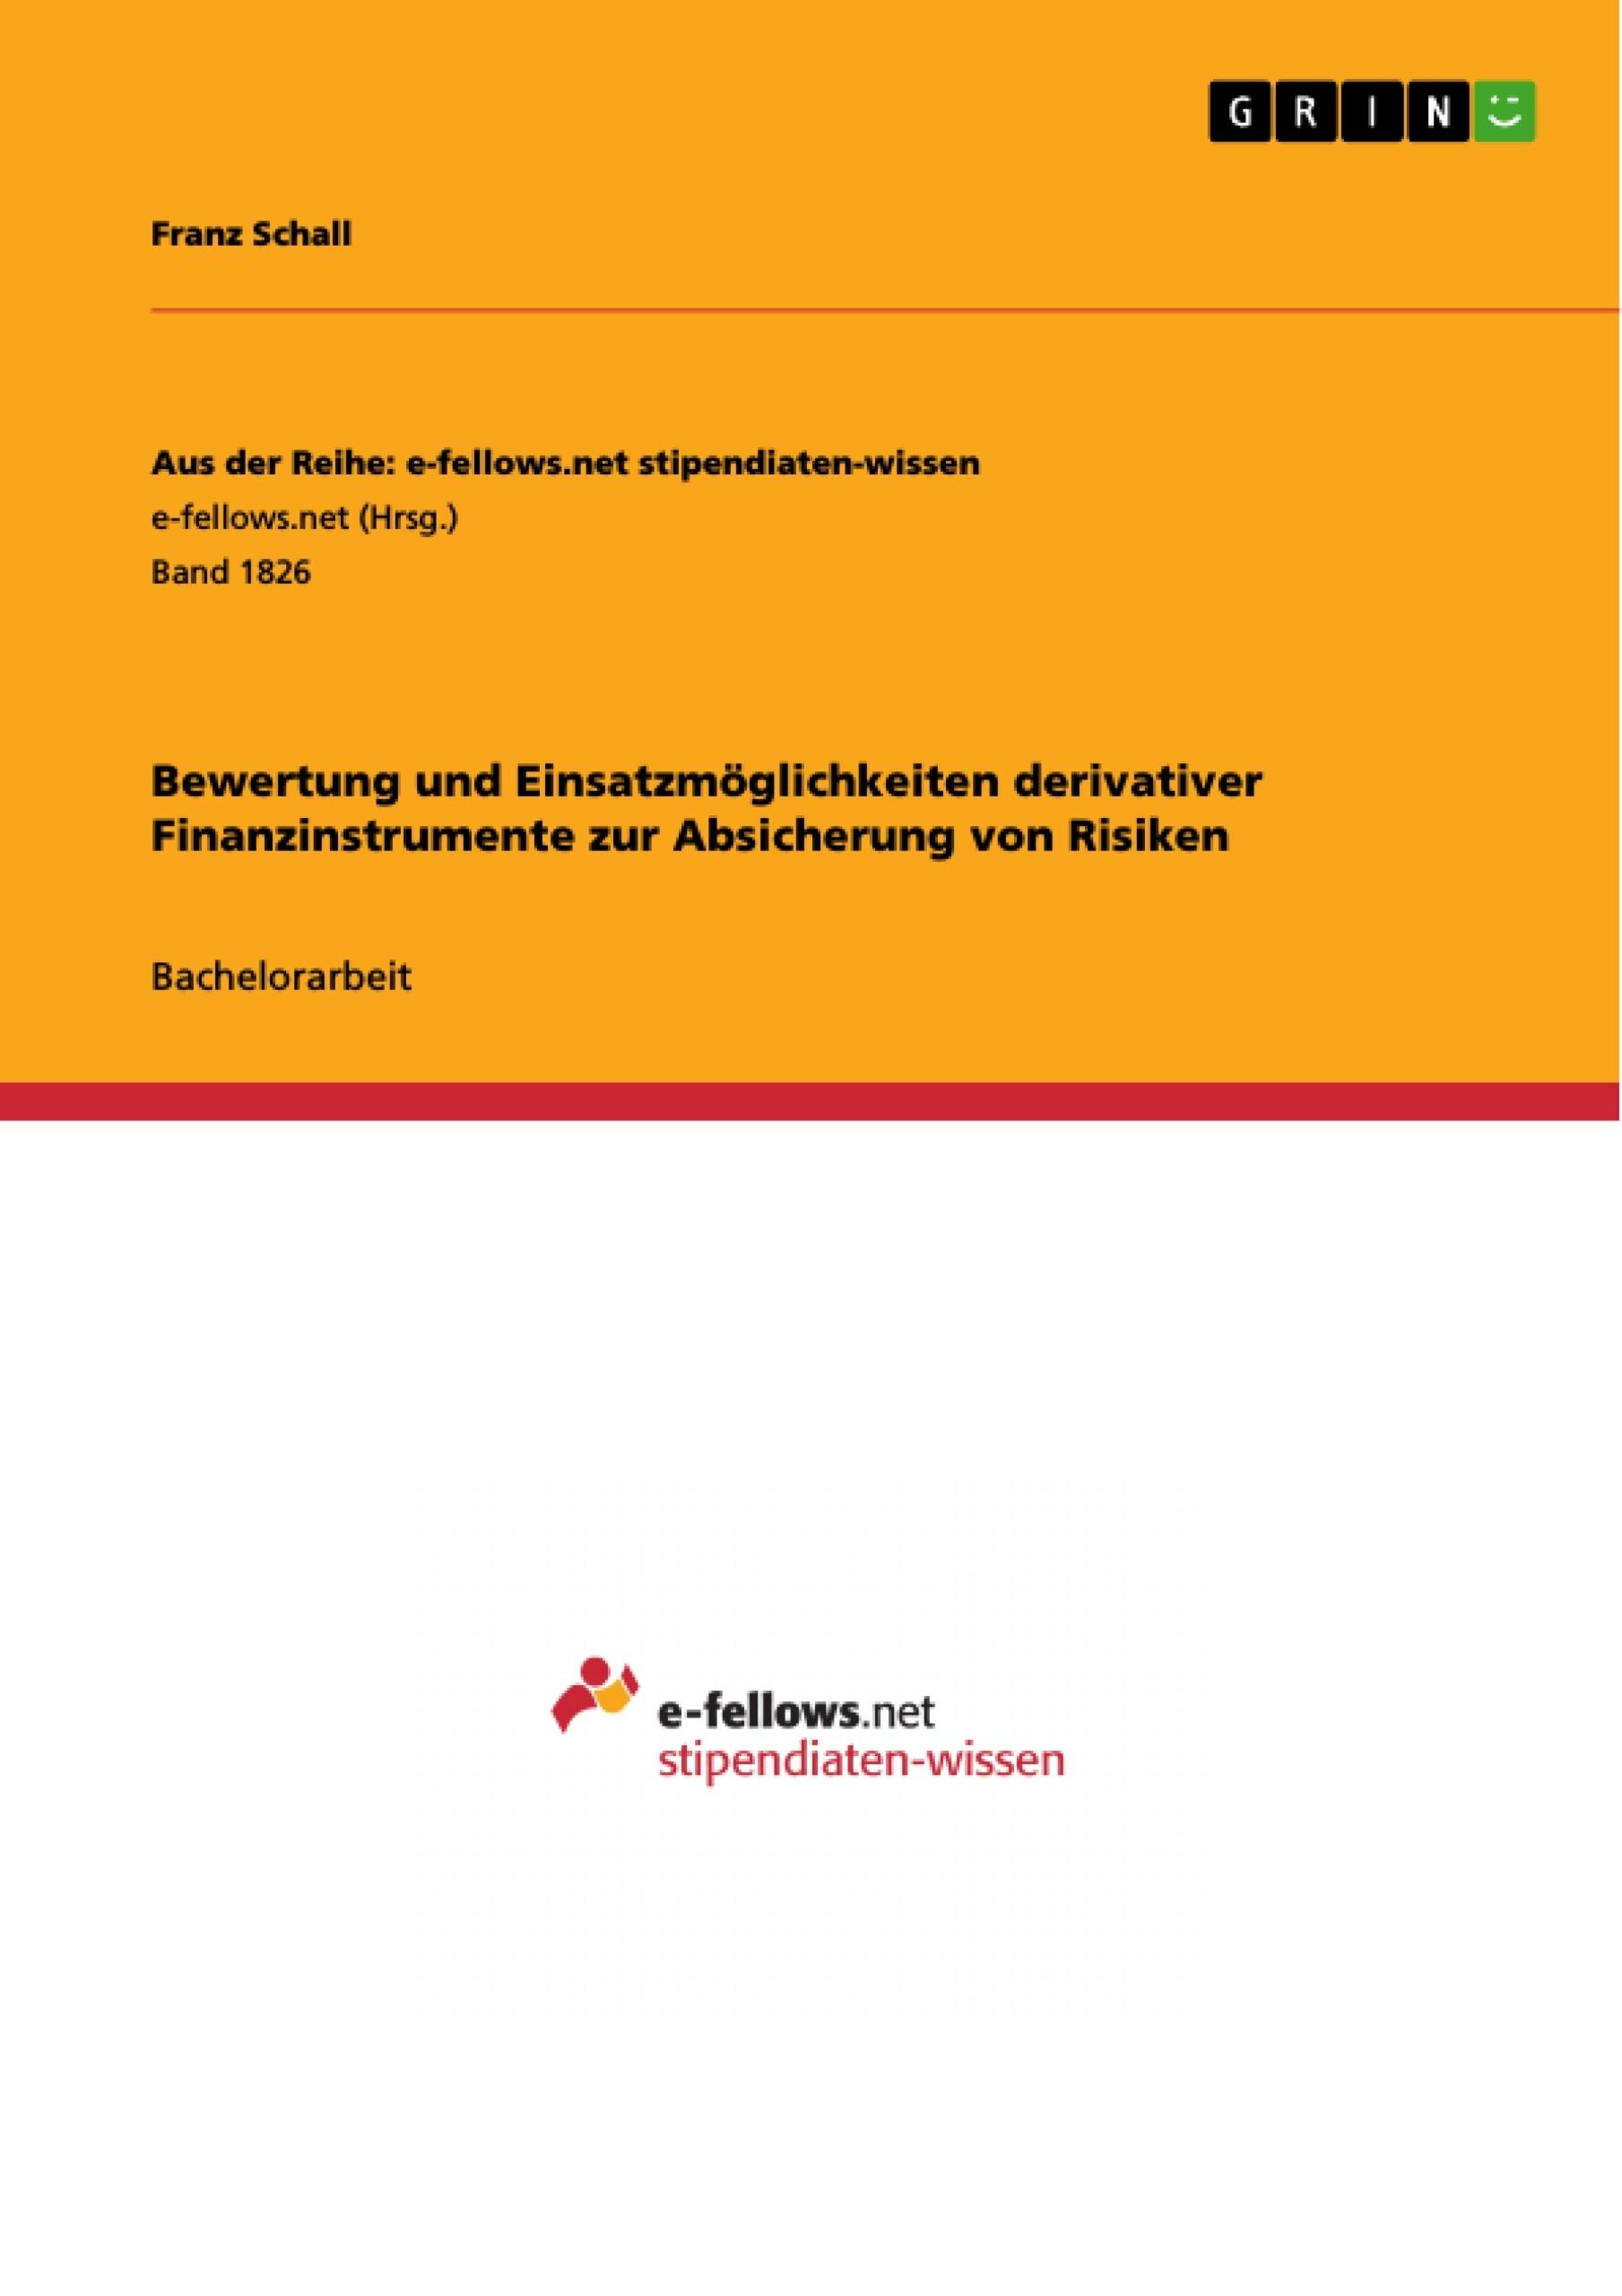 Titel: Bewertung und Einsatzmöglichkeiten derivativer Finanzinstrumente zur Absicherung von Risiken